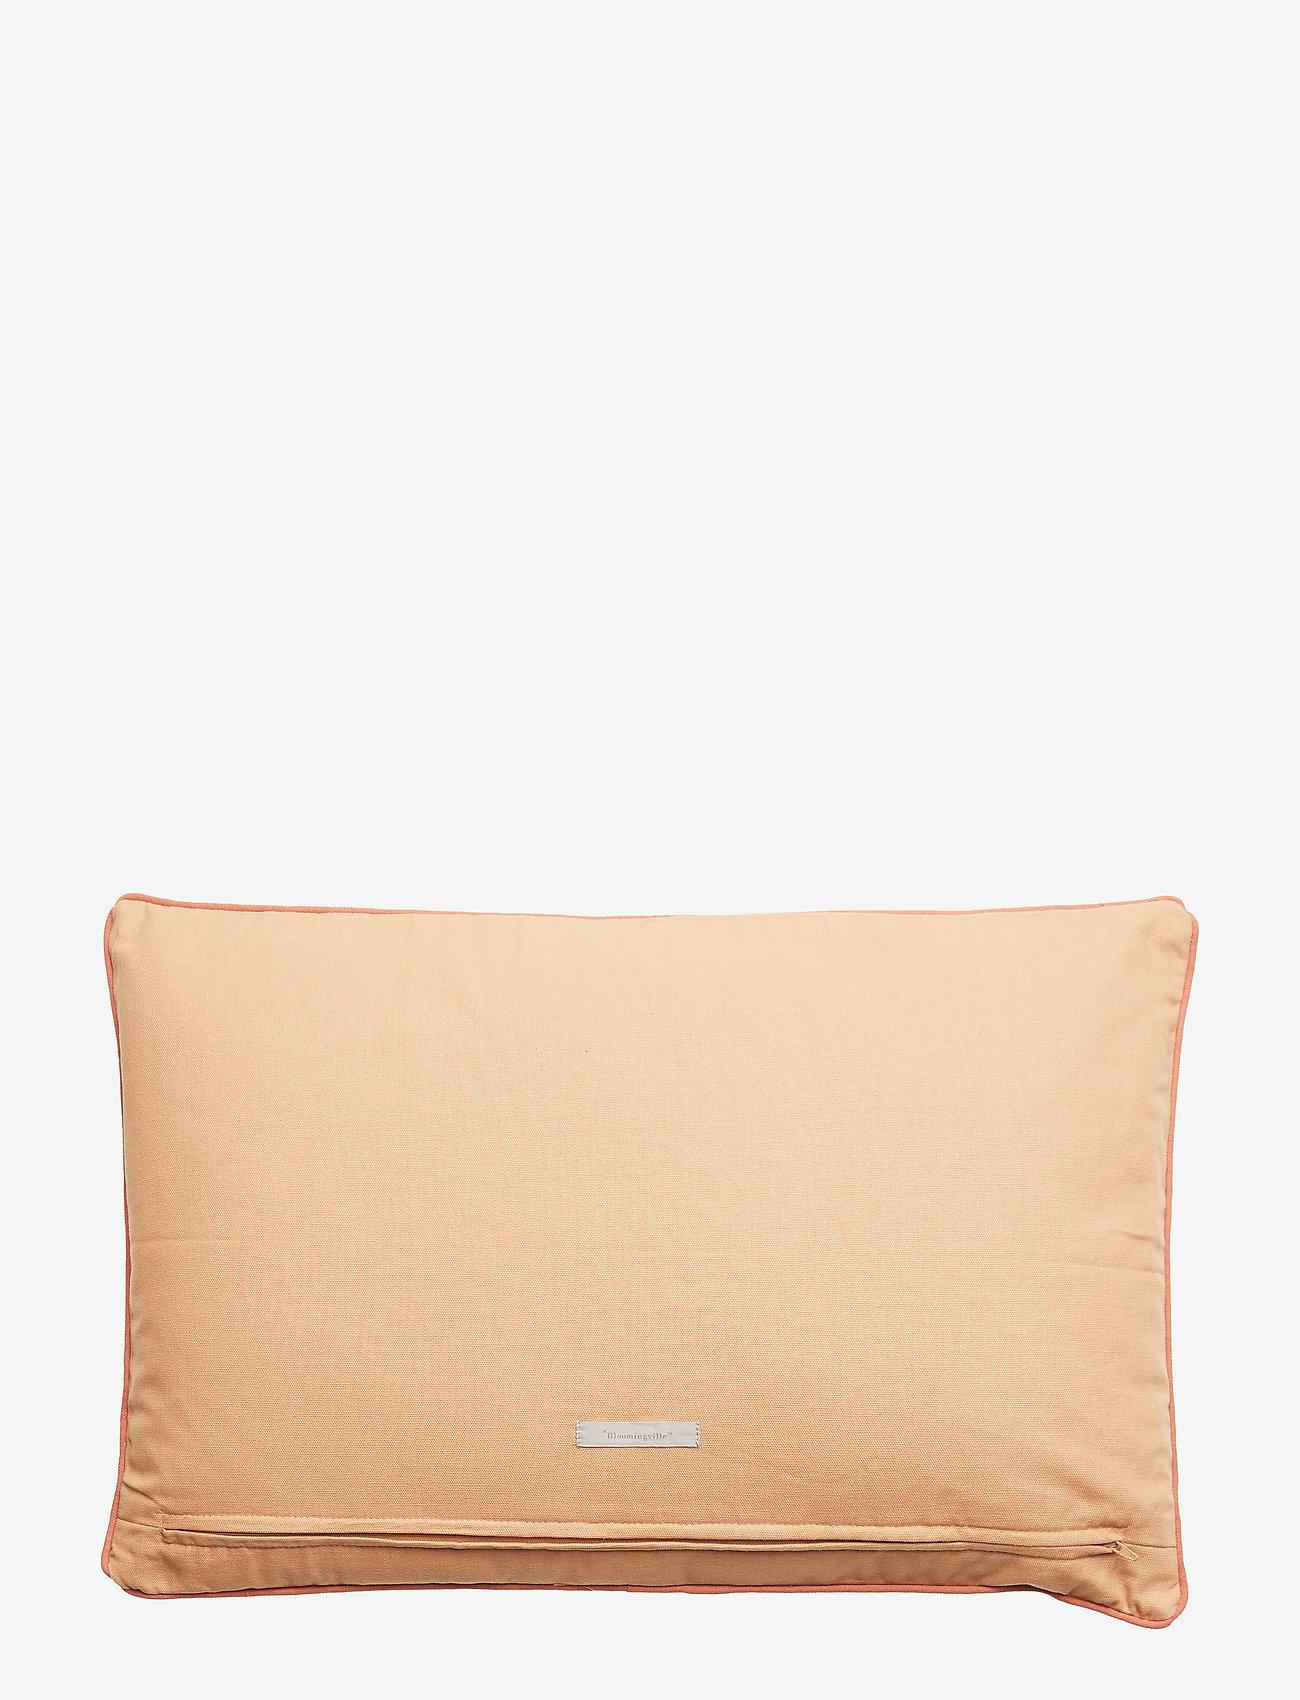 Bloomingville - Cushion, Orange, Cotton - décor - orange